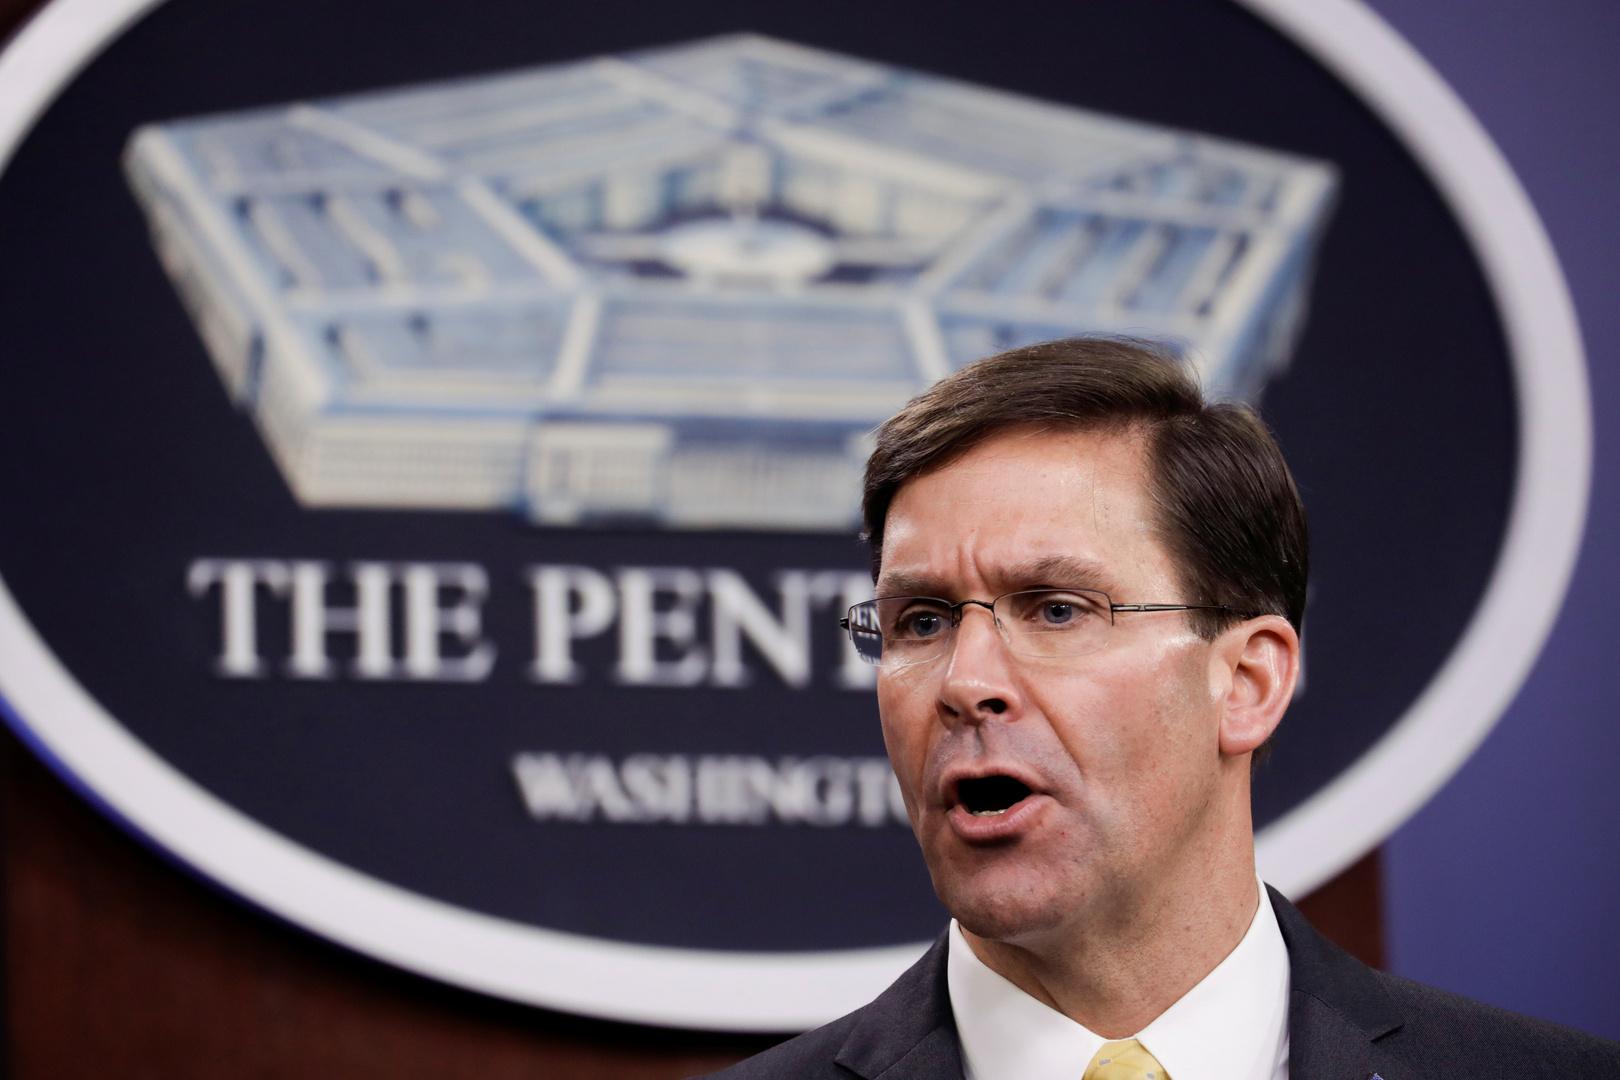 وزير الدفاع الأمريكي يصل إلى الجزائر في أول زيارة منذ 15 عاما